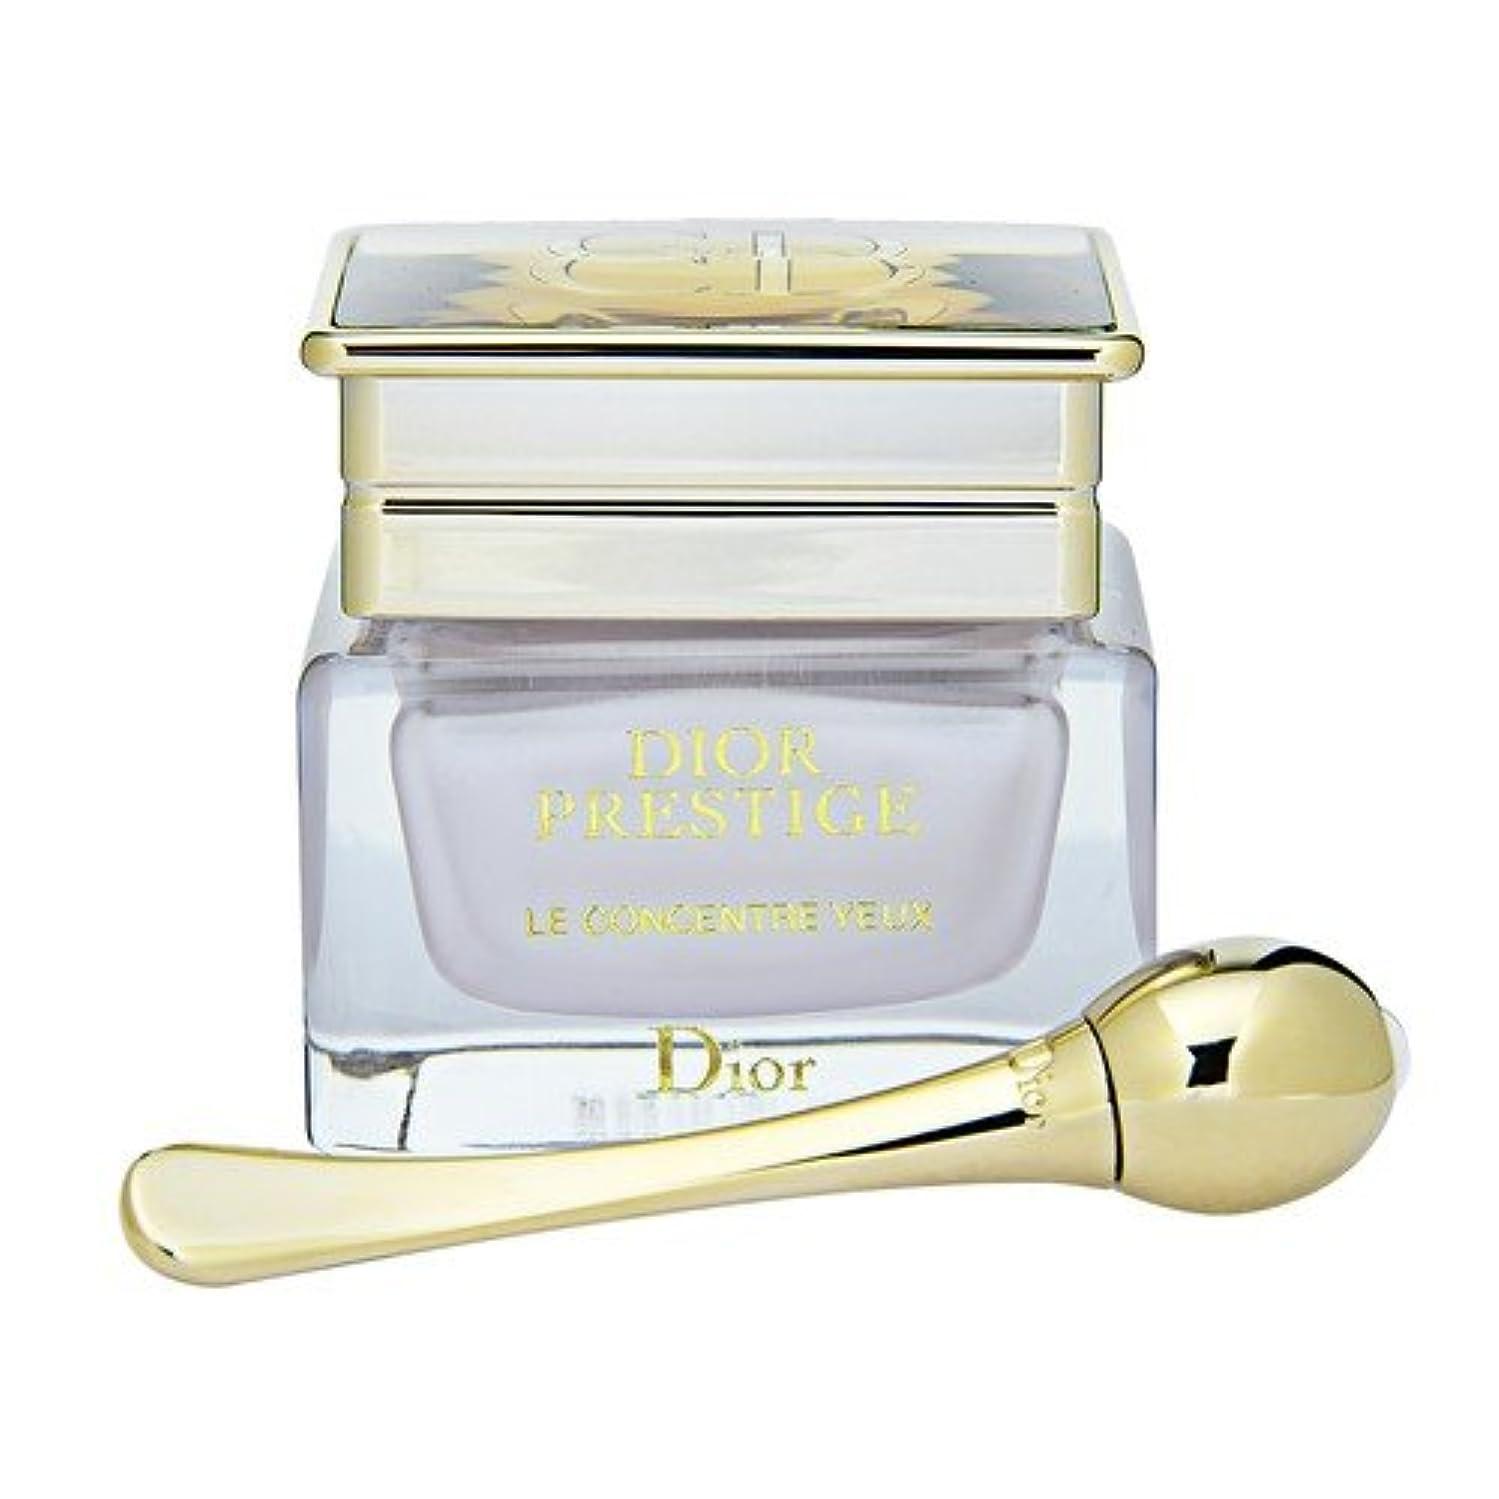 女性バッテリー温度クリスチャン ディオール(Christian Dior) プレステージ ル コンサントレ ユー 15ml[並行輸入品]